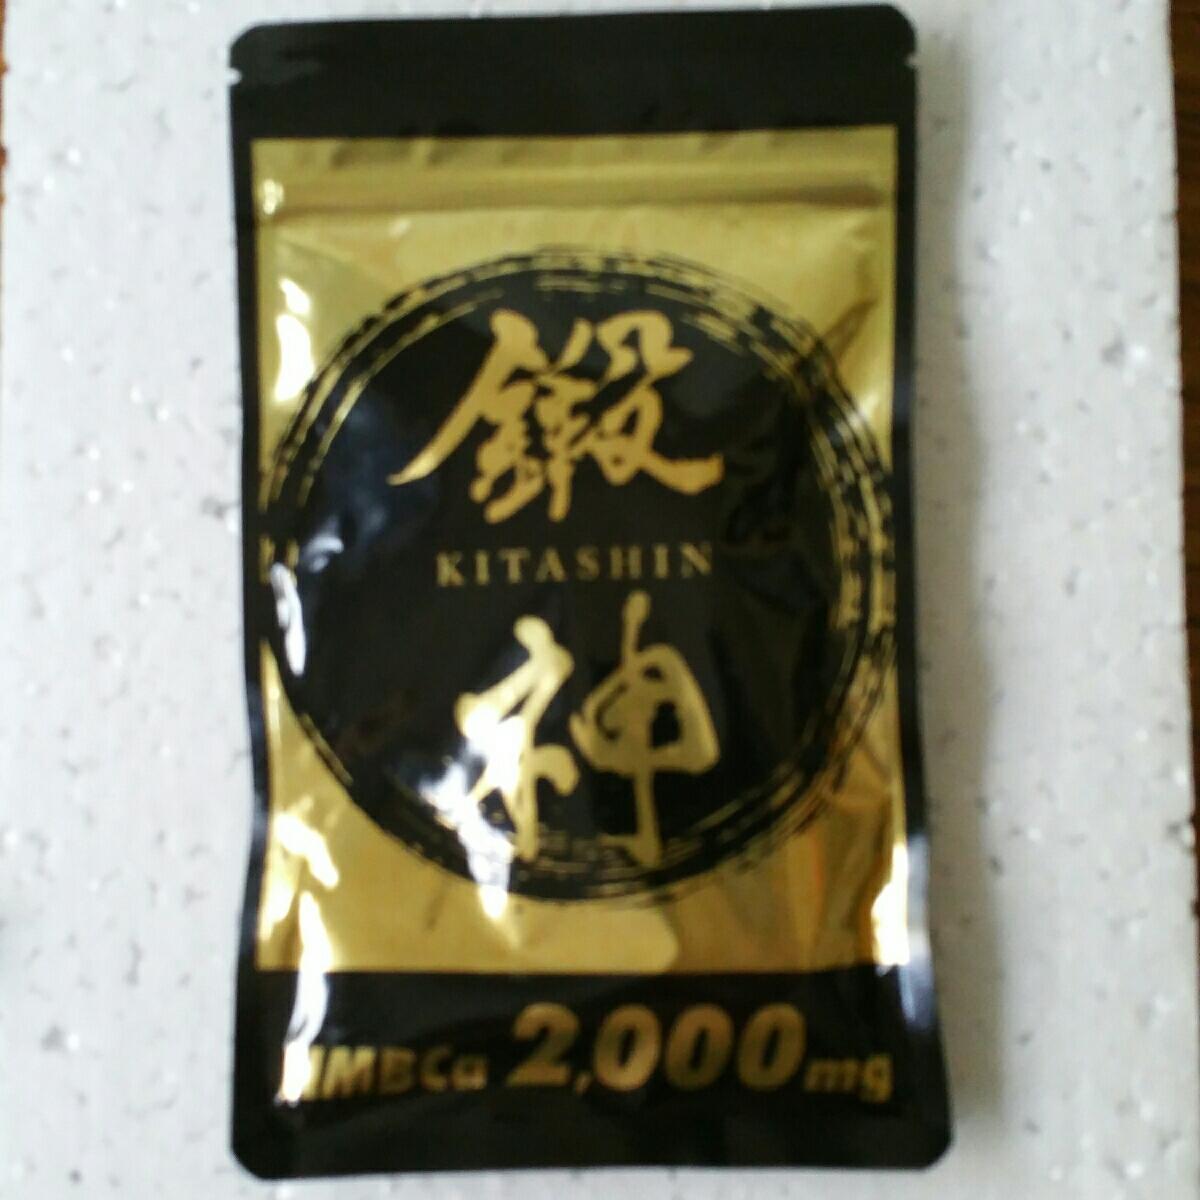 新品 未開封 鍛神 KITASHIN HMBCa 2000mg プロテイン 大人気商品! 栄養機能食品 1円スタート!しかも送料無料! 届いたばかり!